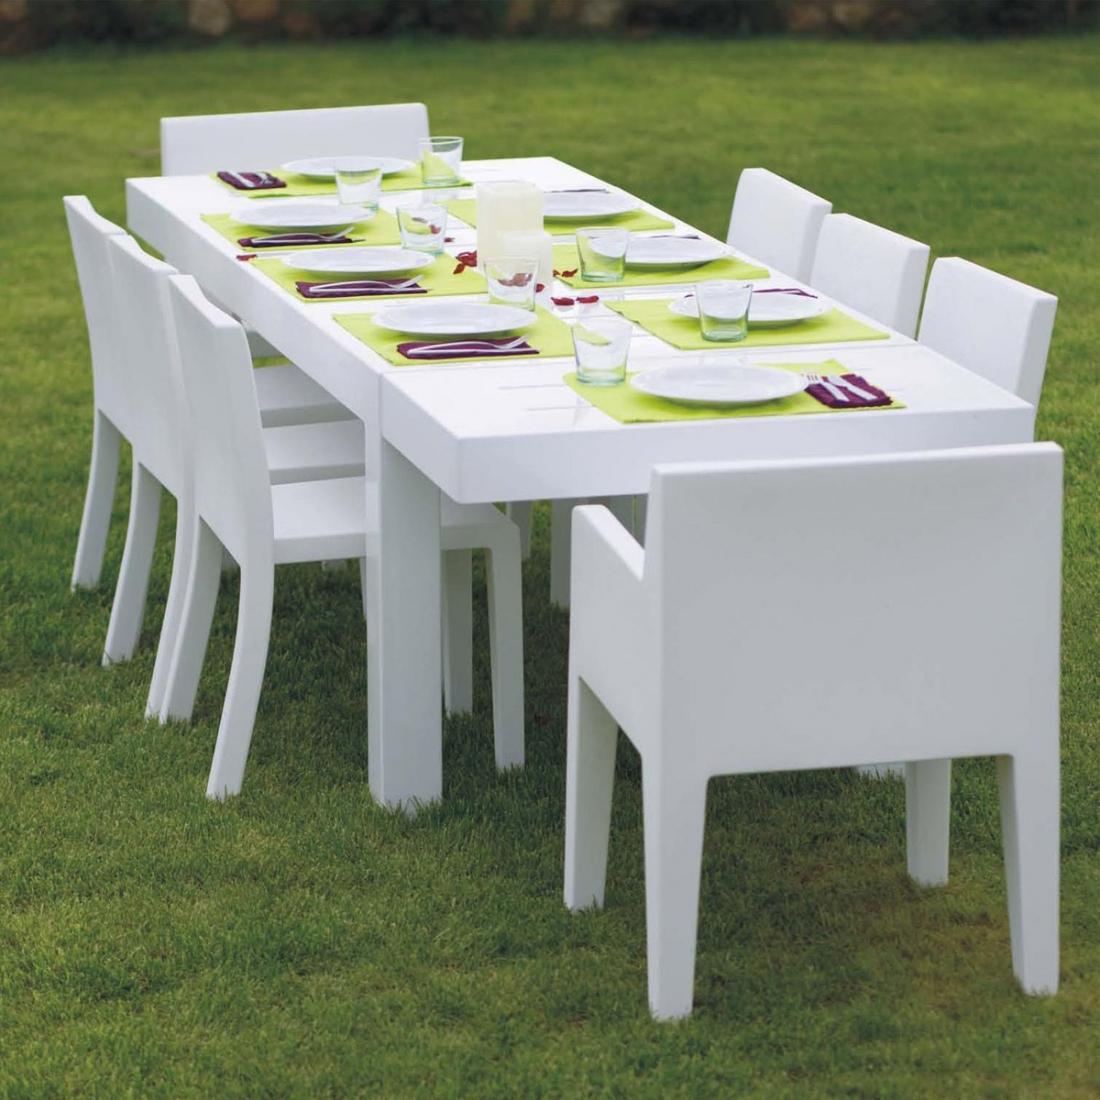 Table De Jardin Design 10 Personnes Jut Par Vondom destiné Table Jardin 10 Personnes